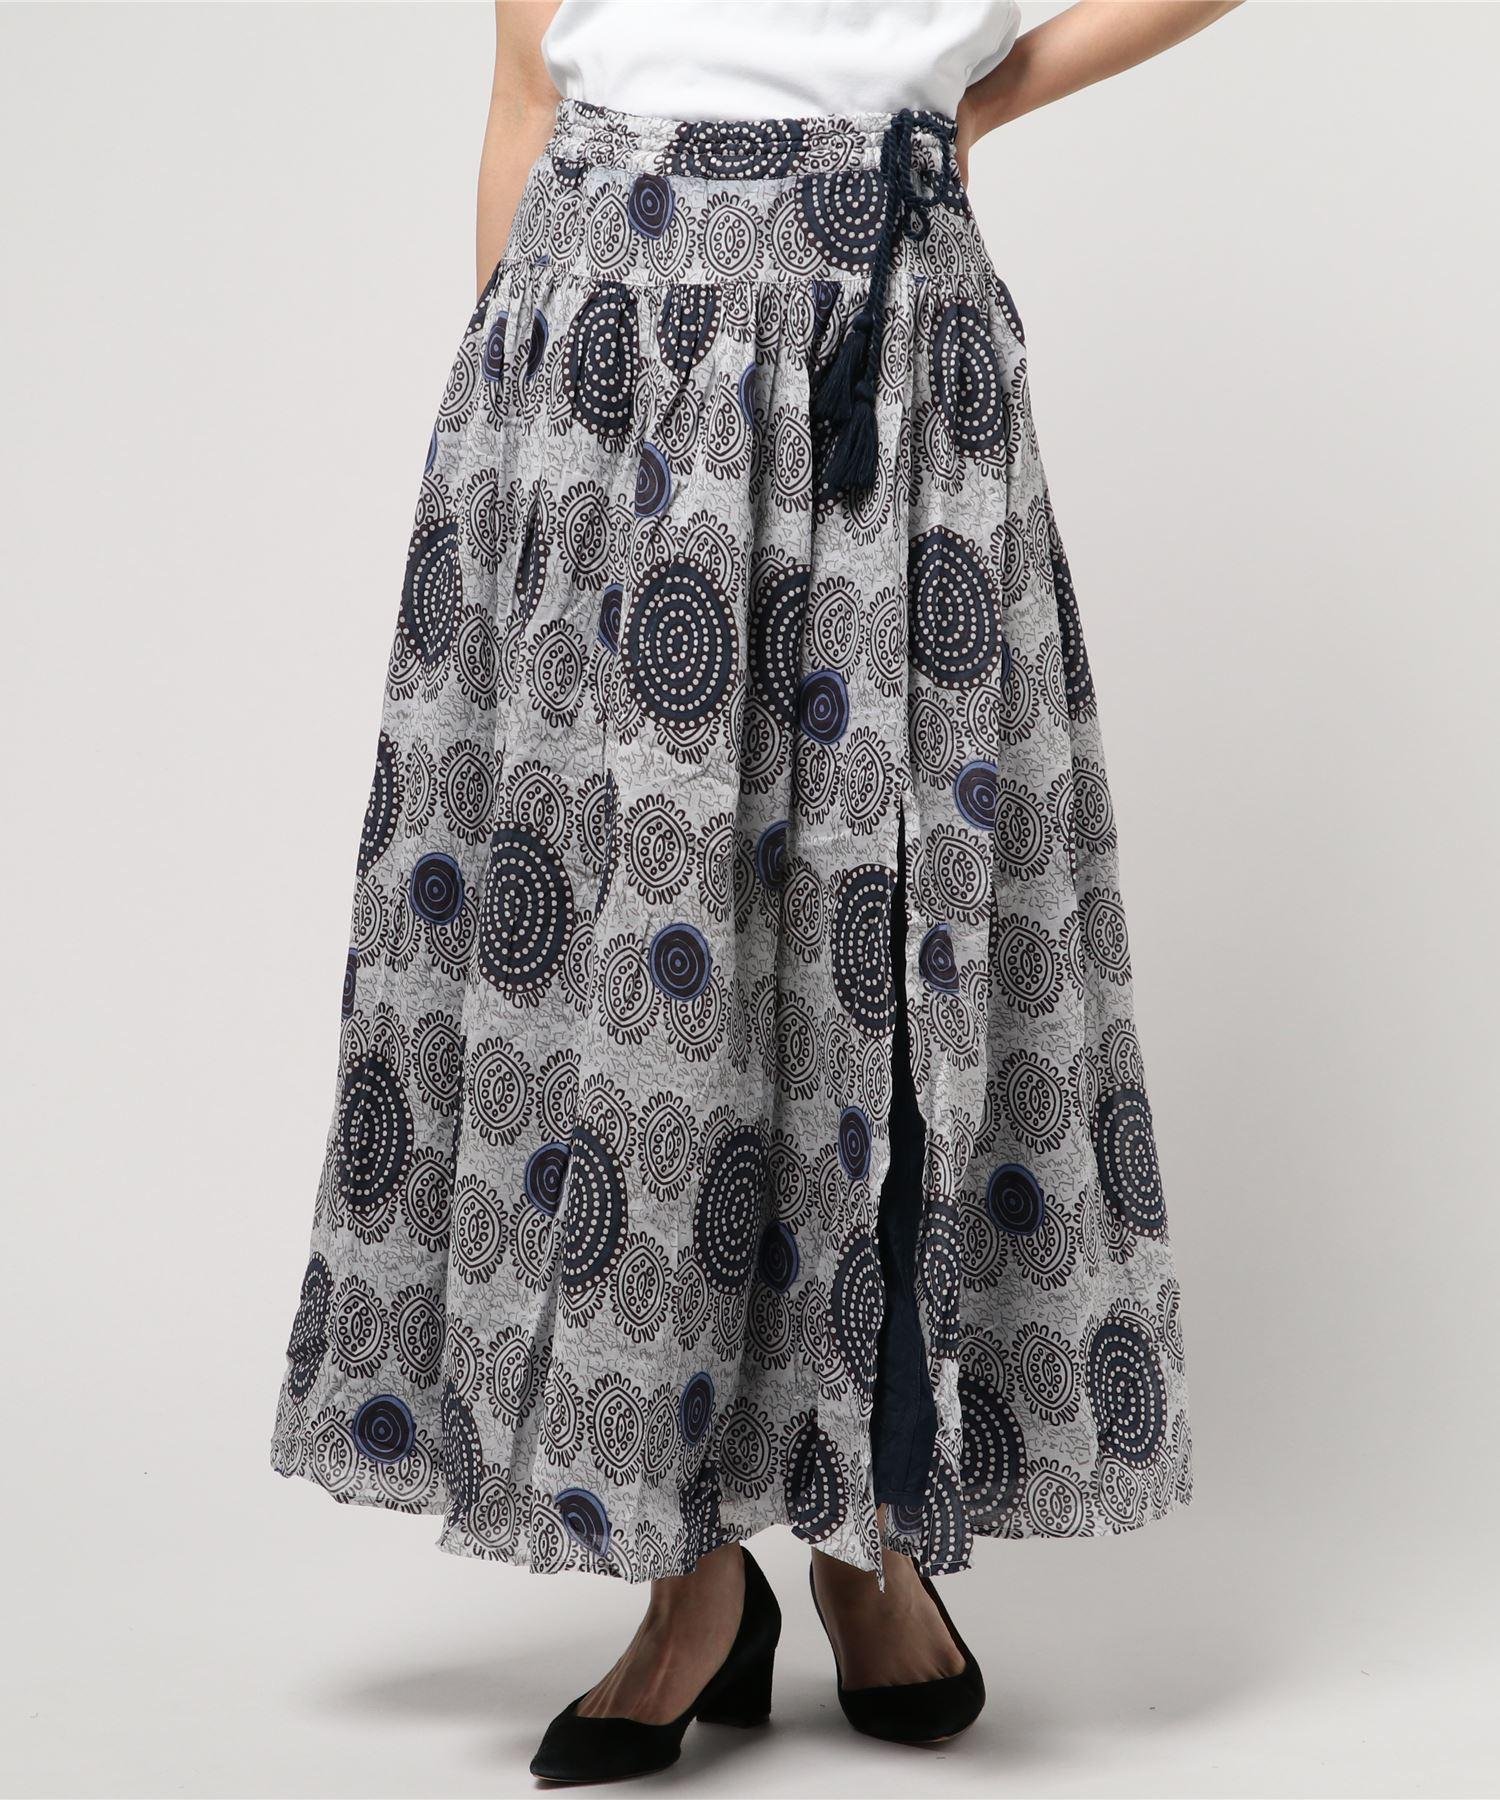 【Le Melange】リバーシブルプリントスカート